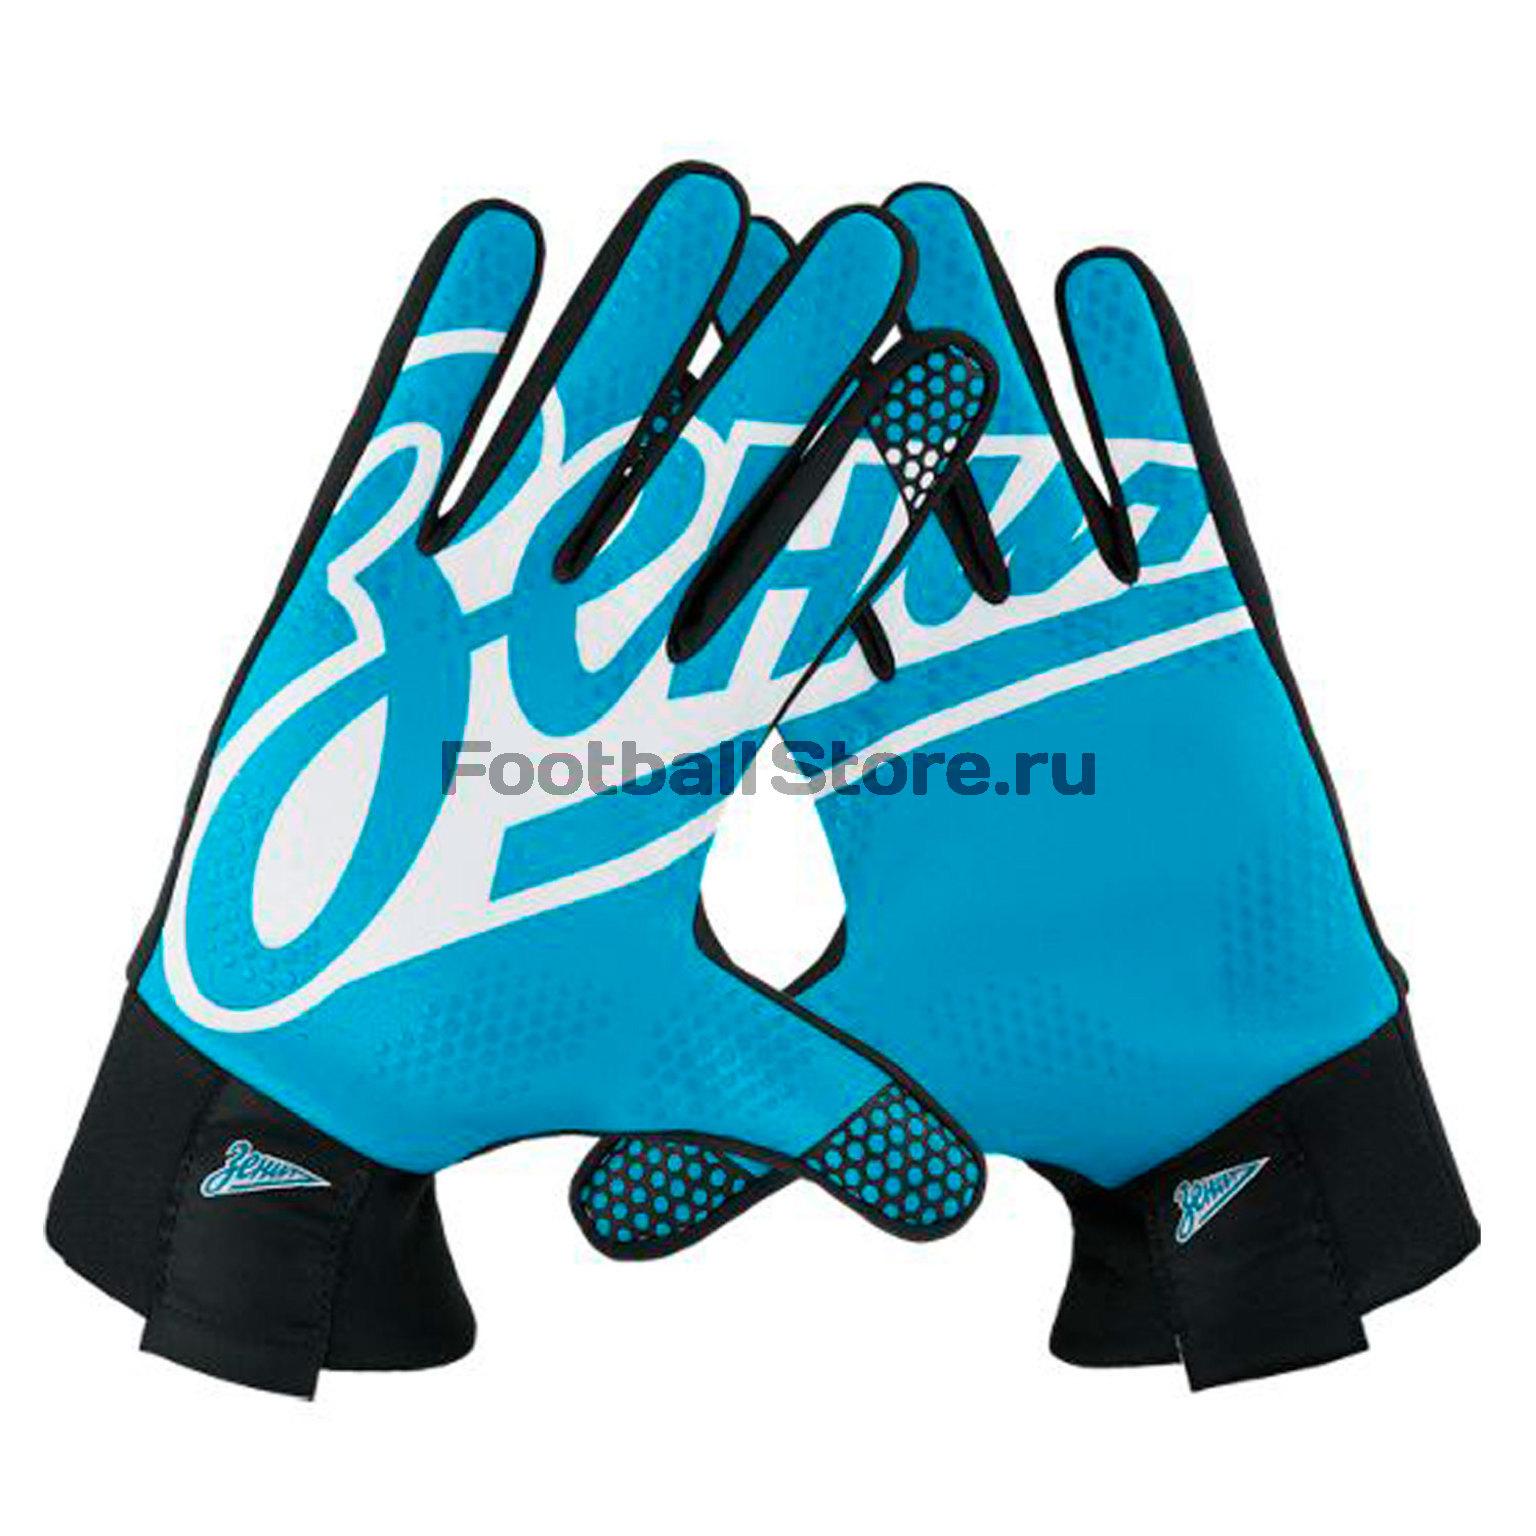 Перчатки Nike Перчатки тренировочные Nike Zenit GS0335-010